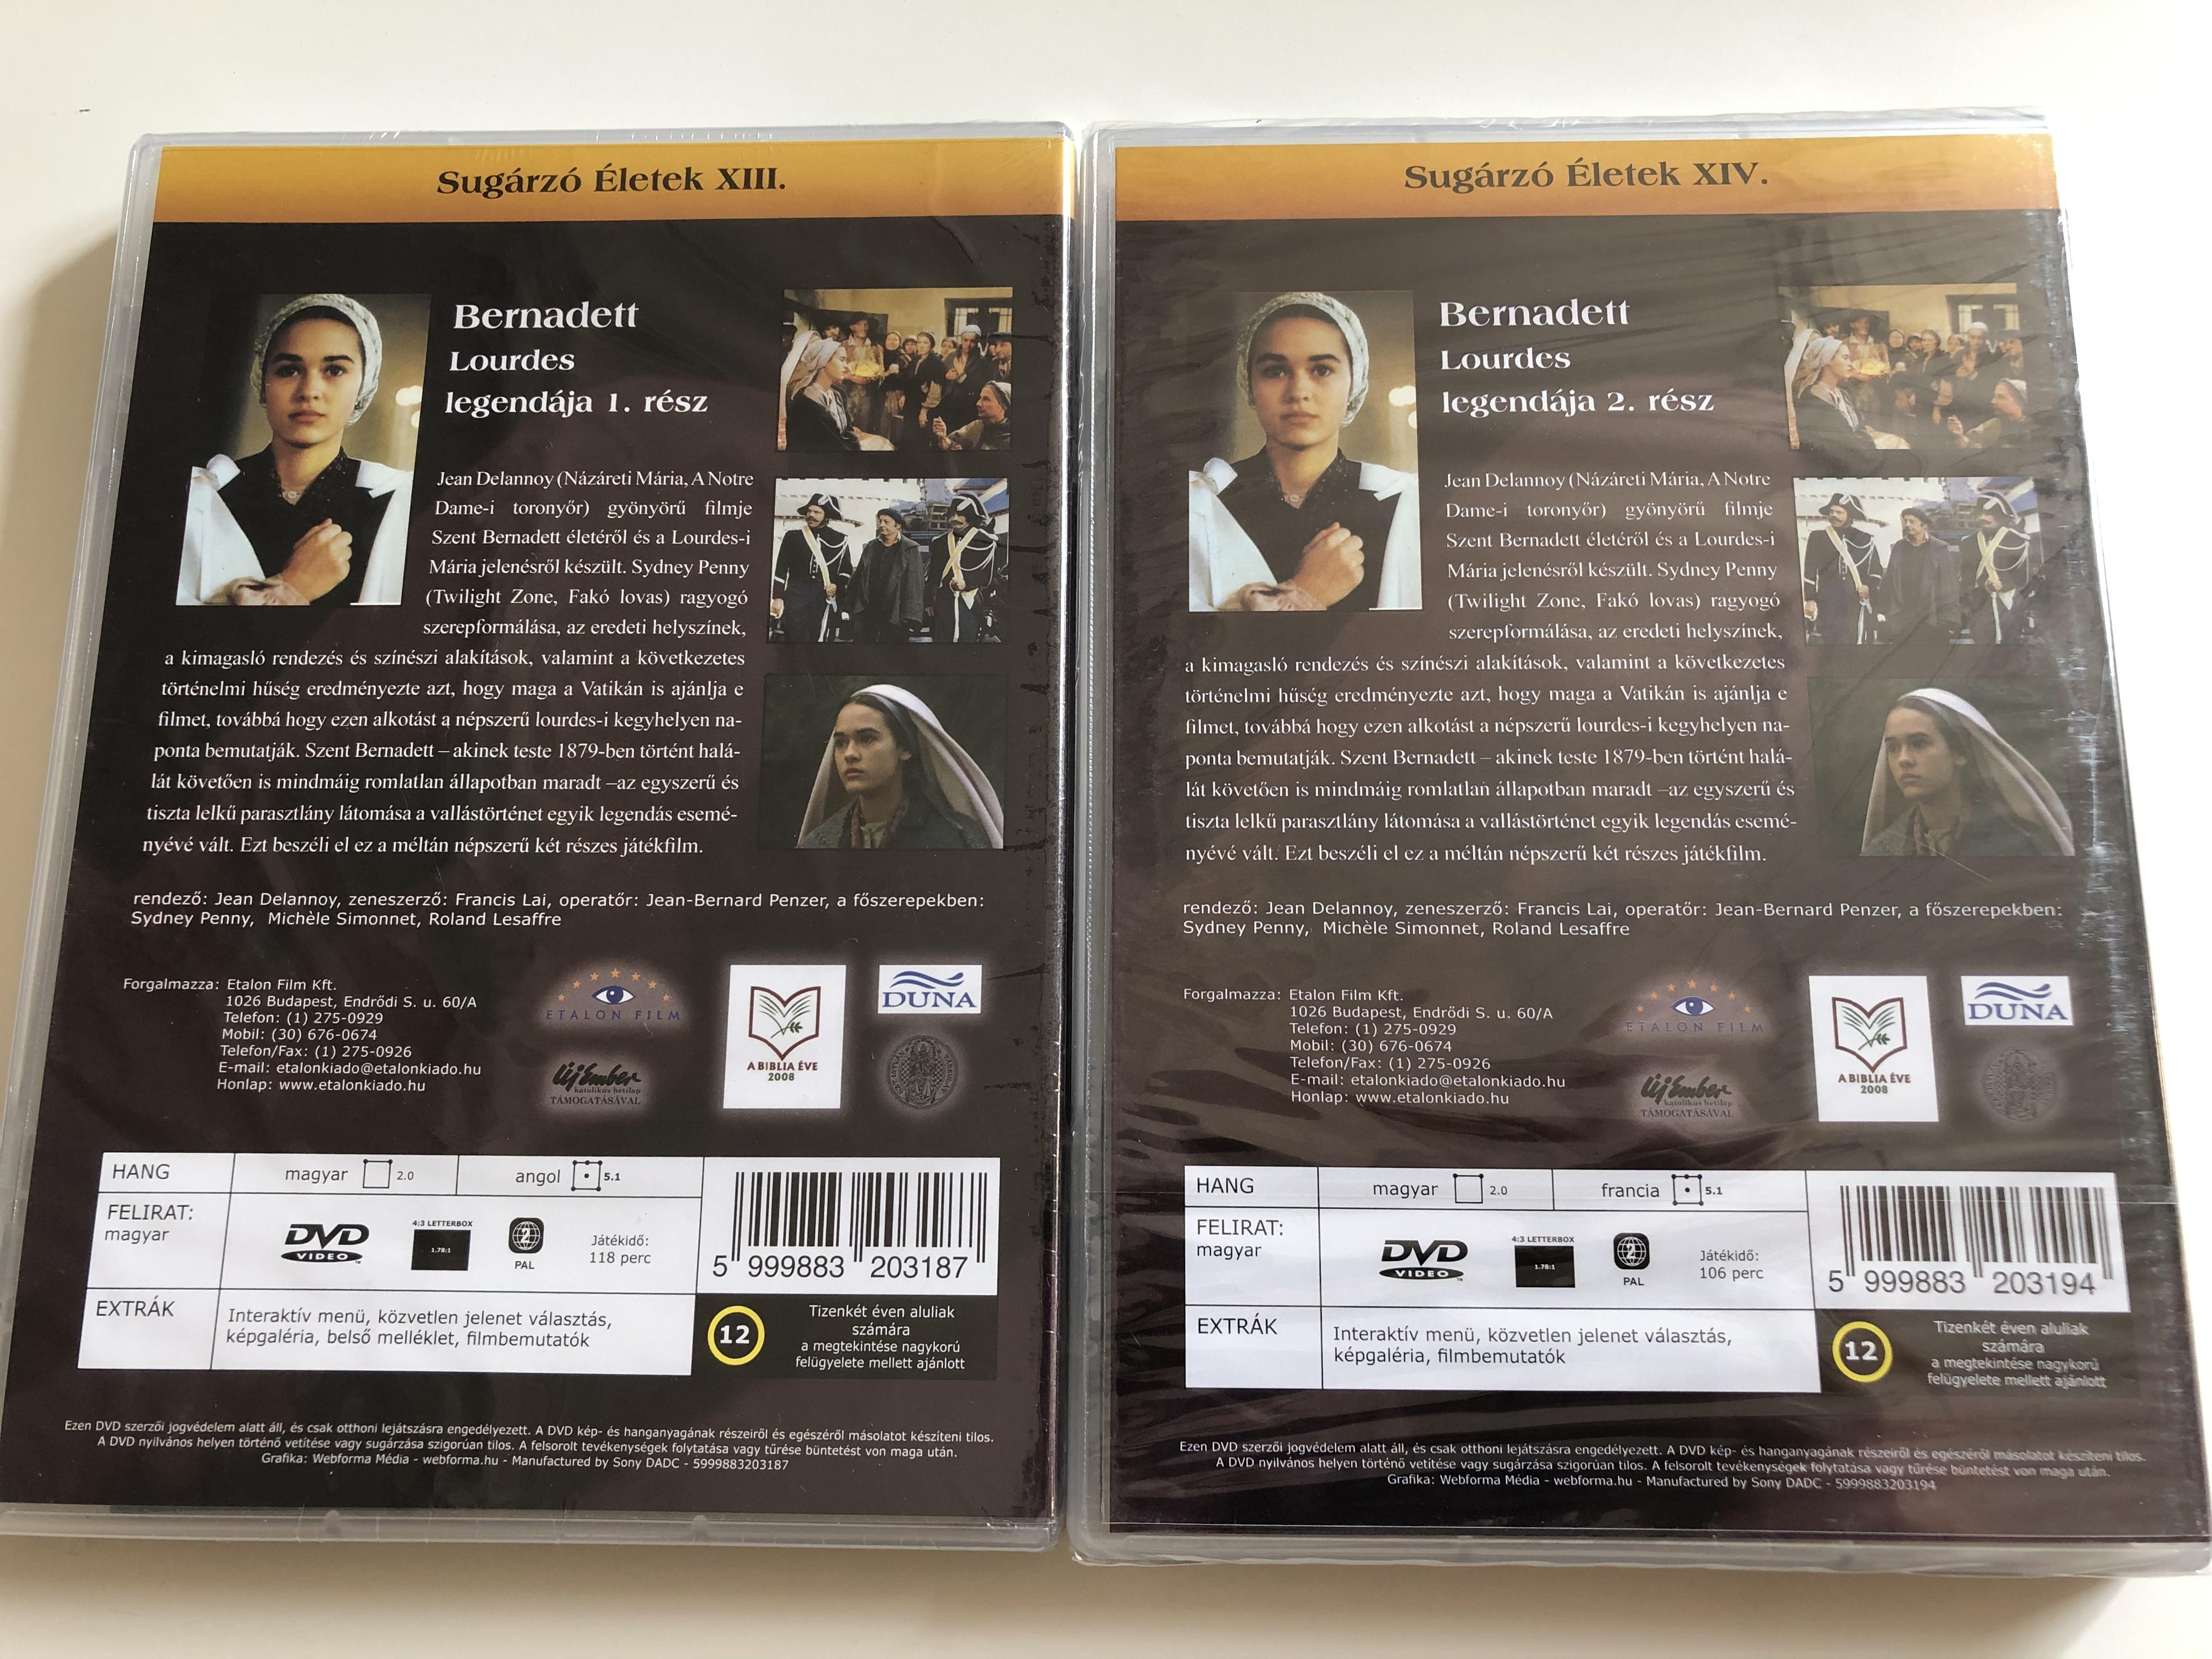 la-passion-de-bernadette-2-dvd-set-1989-bernadett-lourdes-legend-ja-1-2.-r-sz-directed-by-jean-delannoy-starring-sydney-penny-mich-le-simonnet-roland-lesaffre-sug-rz-letek-xiii-xiv.-2-.jpg